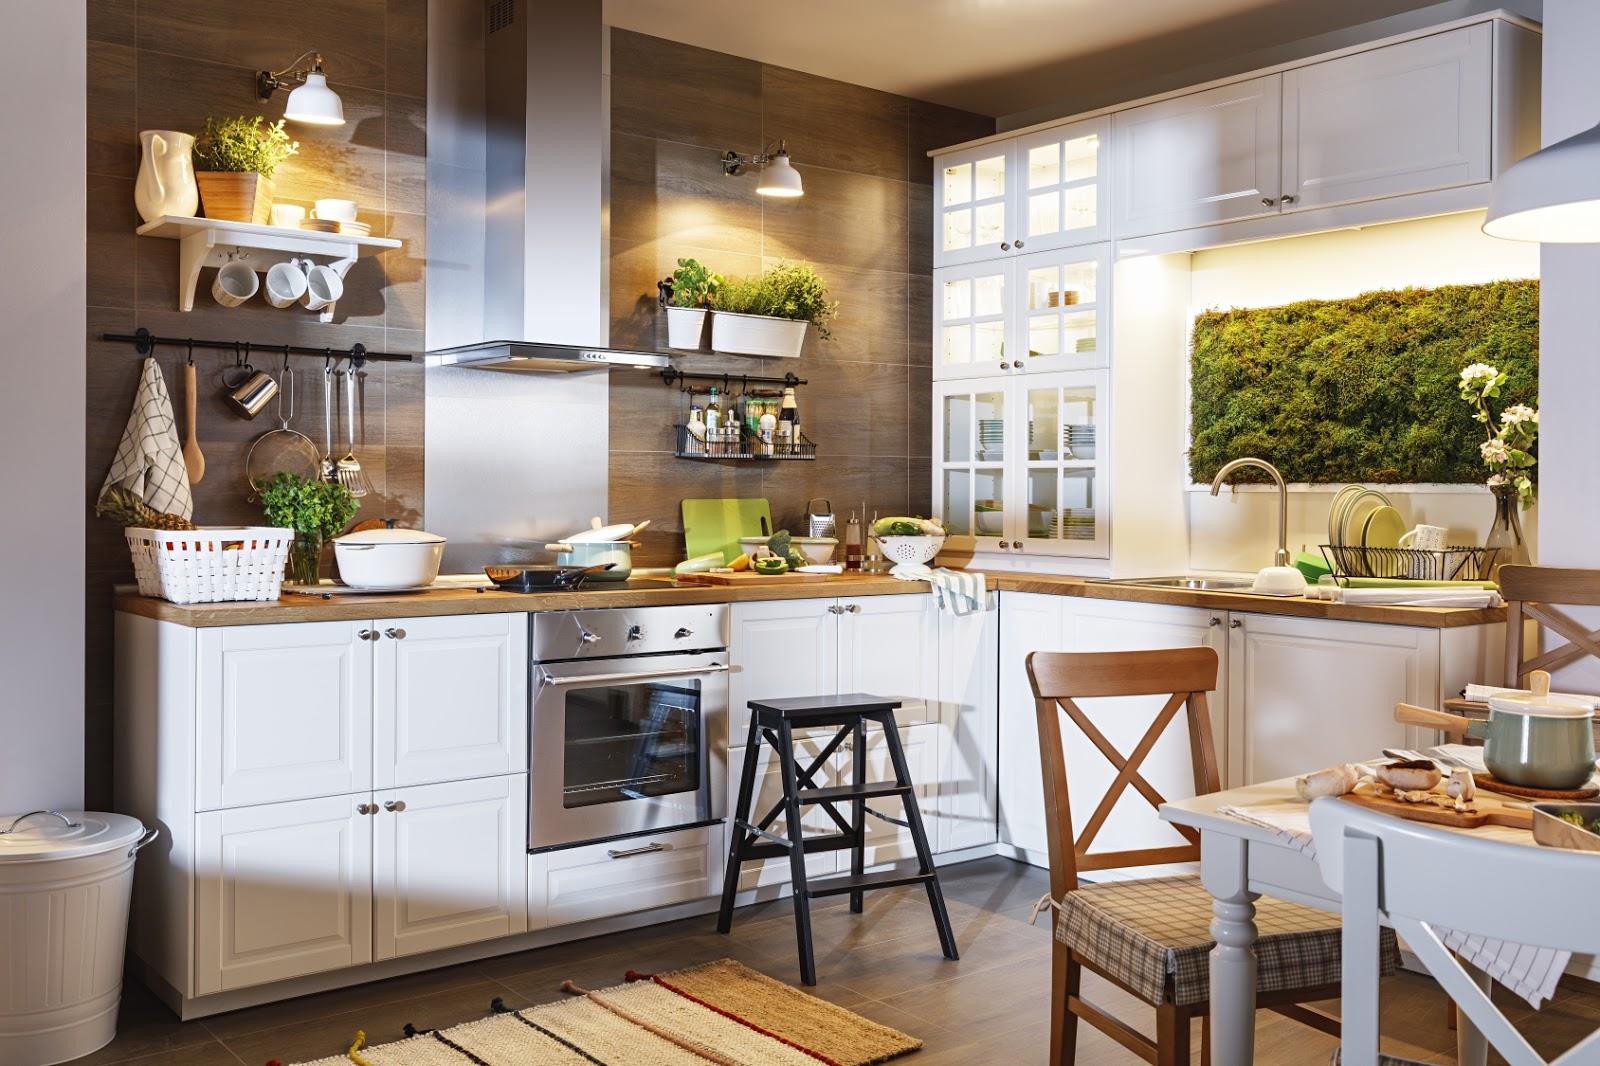 Cât de ușor este să ai facturi mai mici, să economisești inteligent și să trăiești într-o casă sustenabilă în mod accesibil